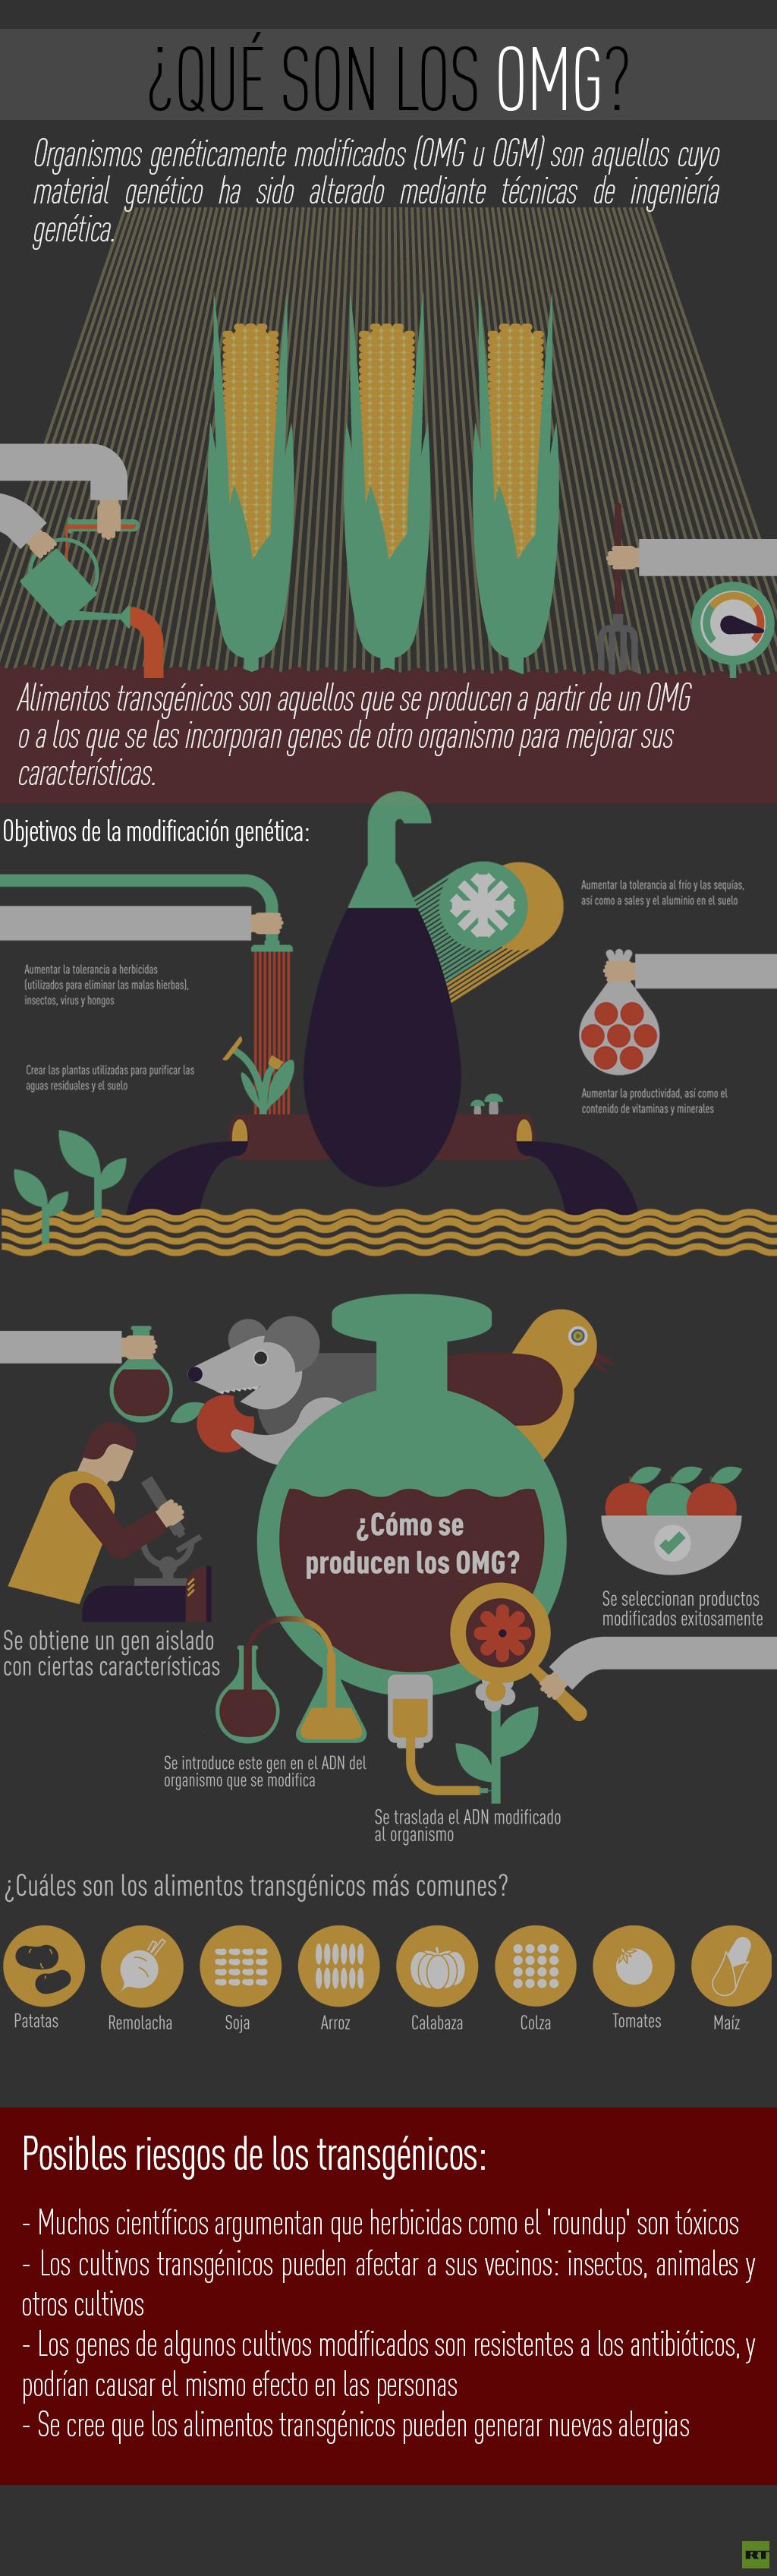 infografia OMG